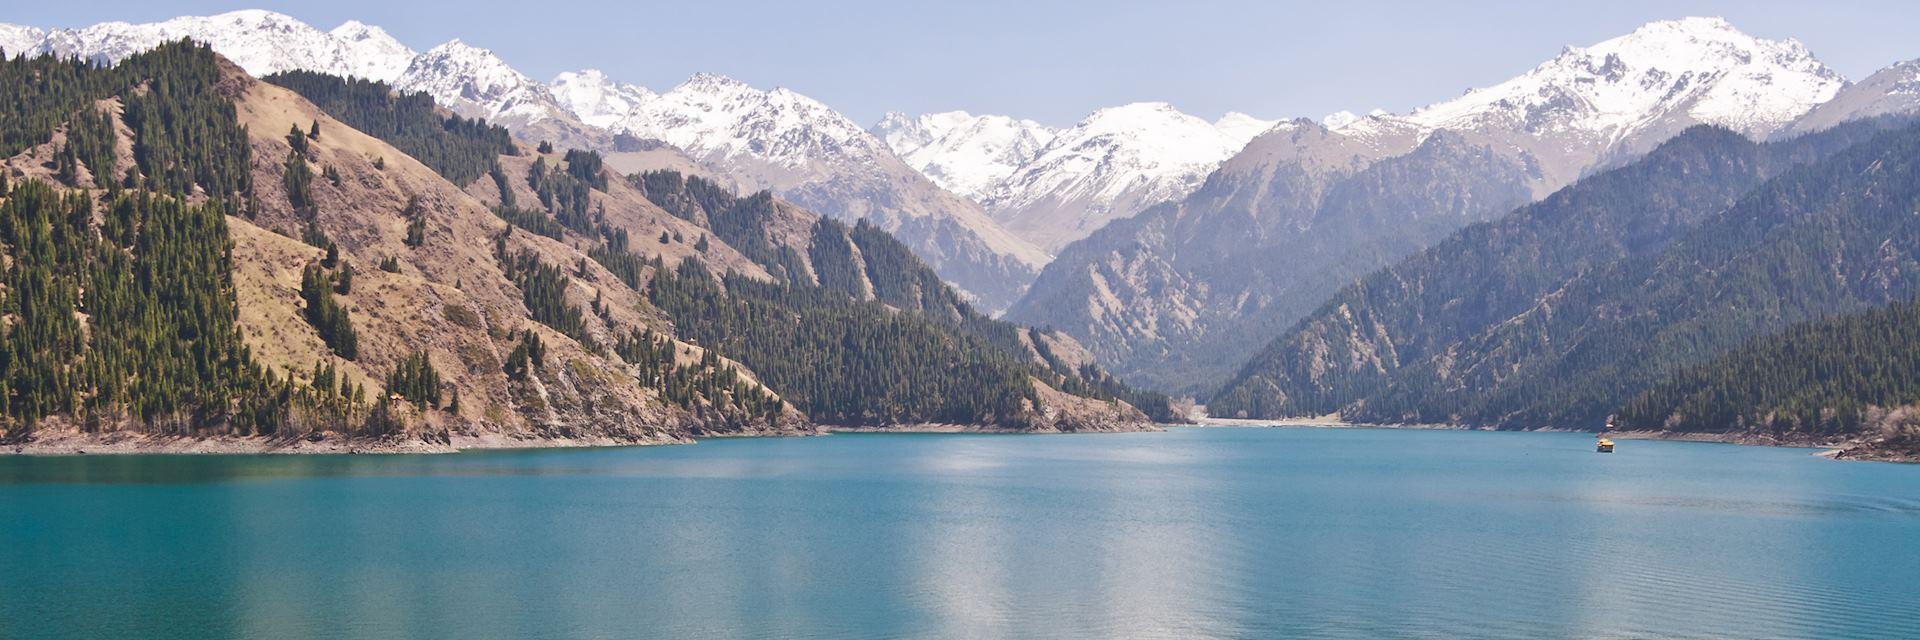 Heavenly Lake, Ürümqi